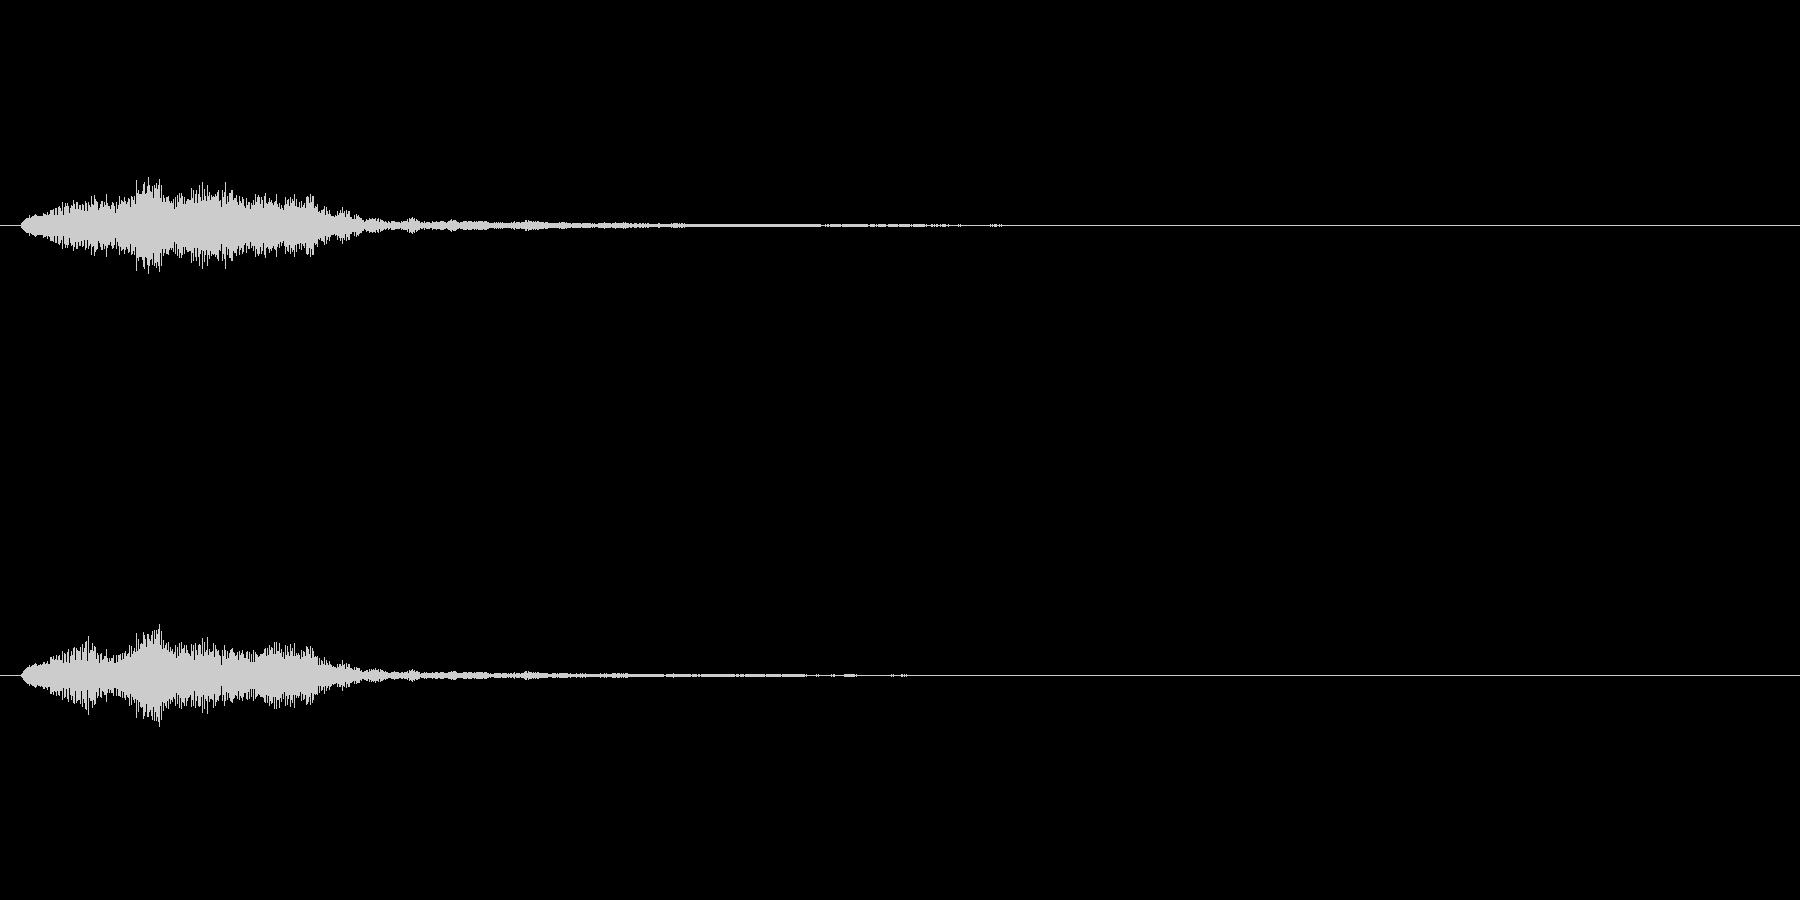 アクセントドラマ、ホラー、ミステリ...の未再生の波形